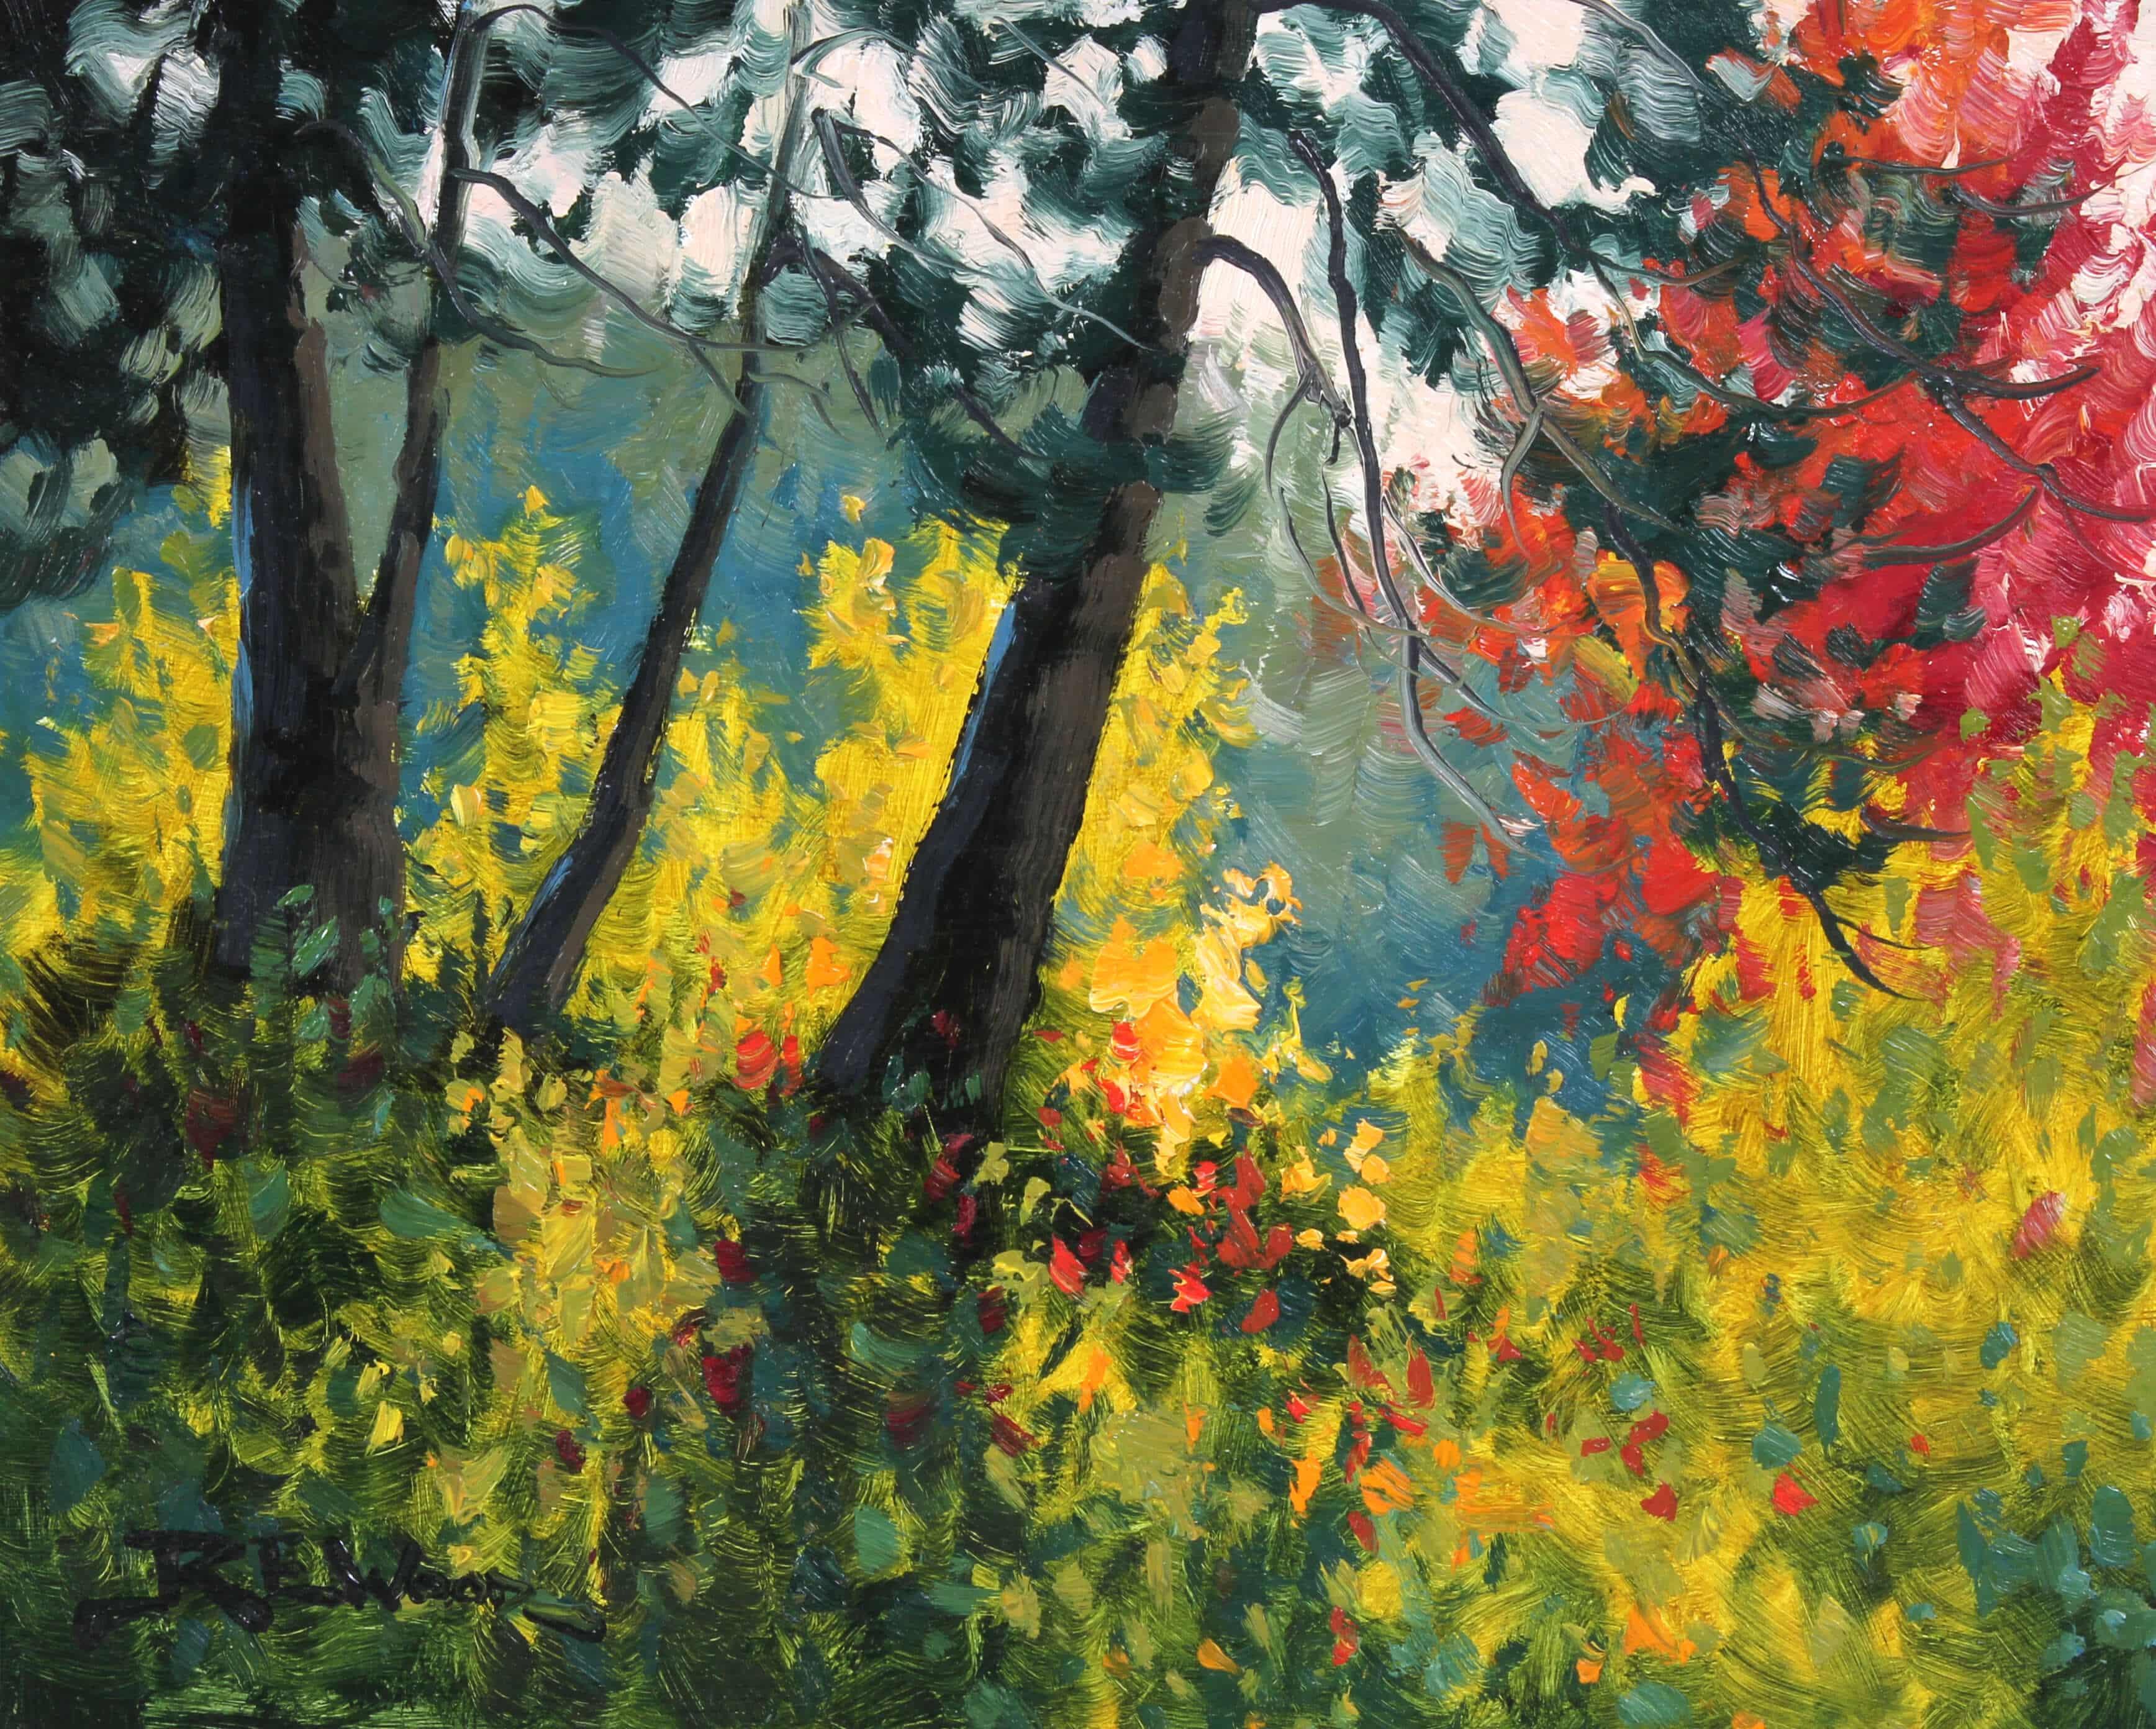 Robert E Wood Autumn Backlight 8x10